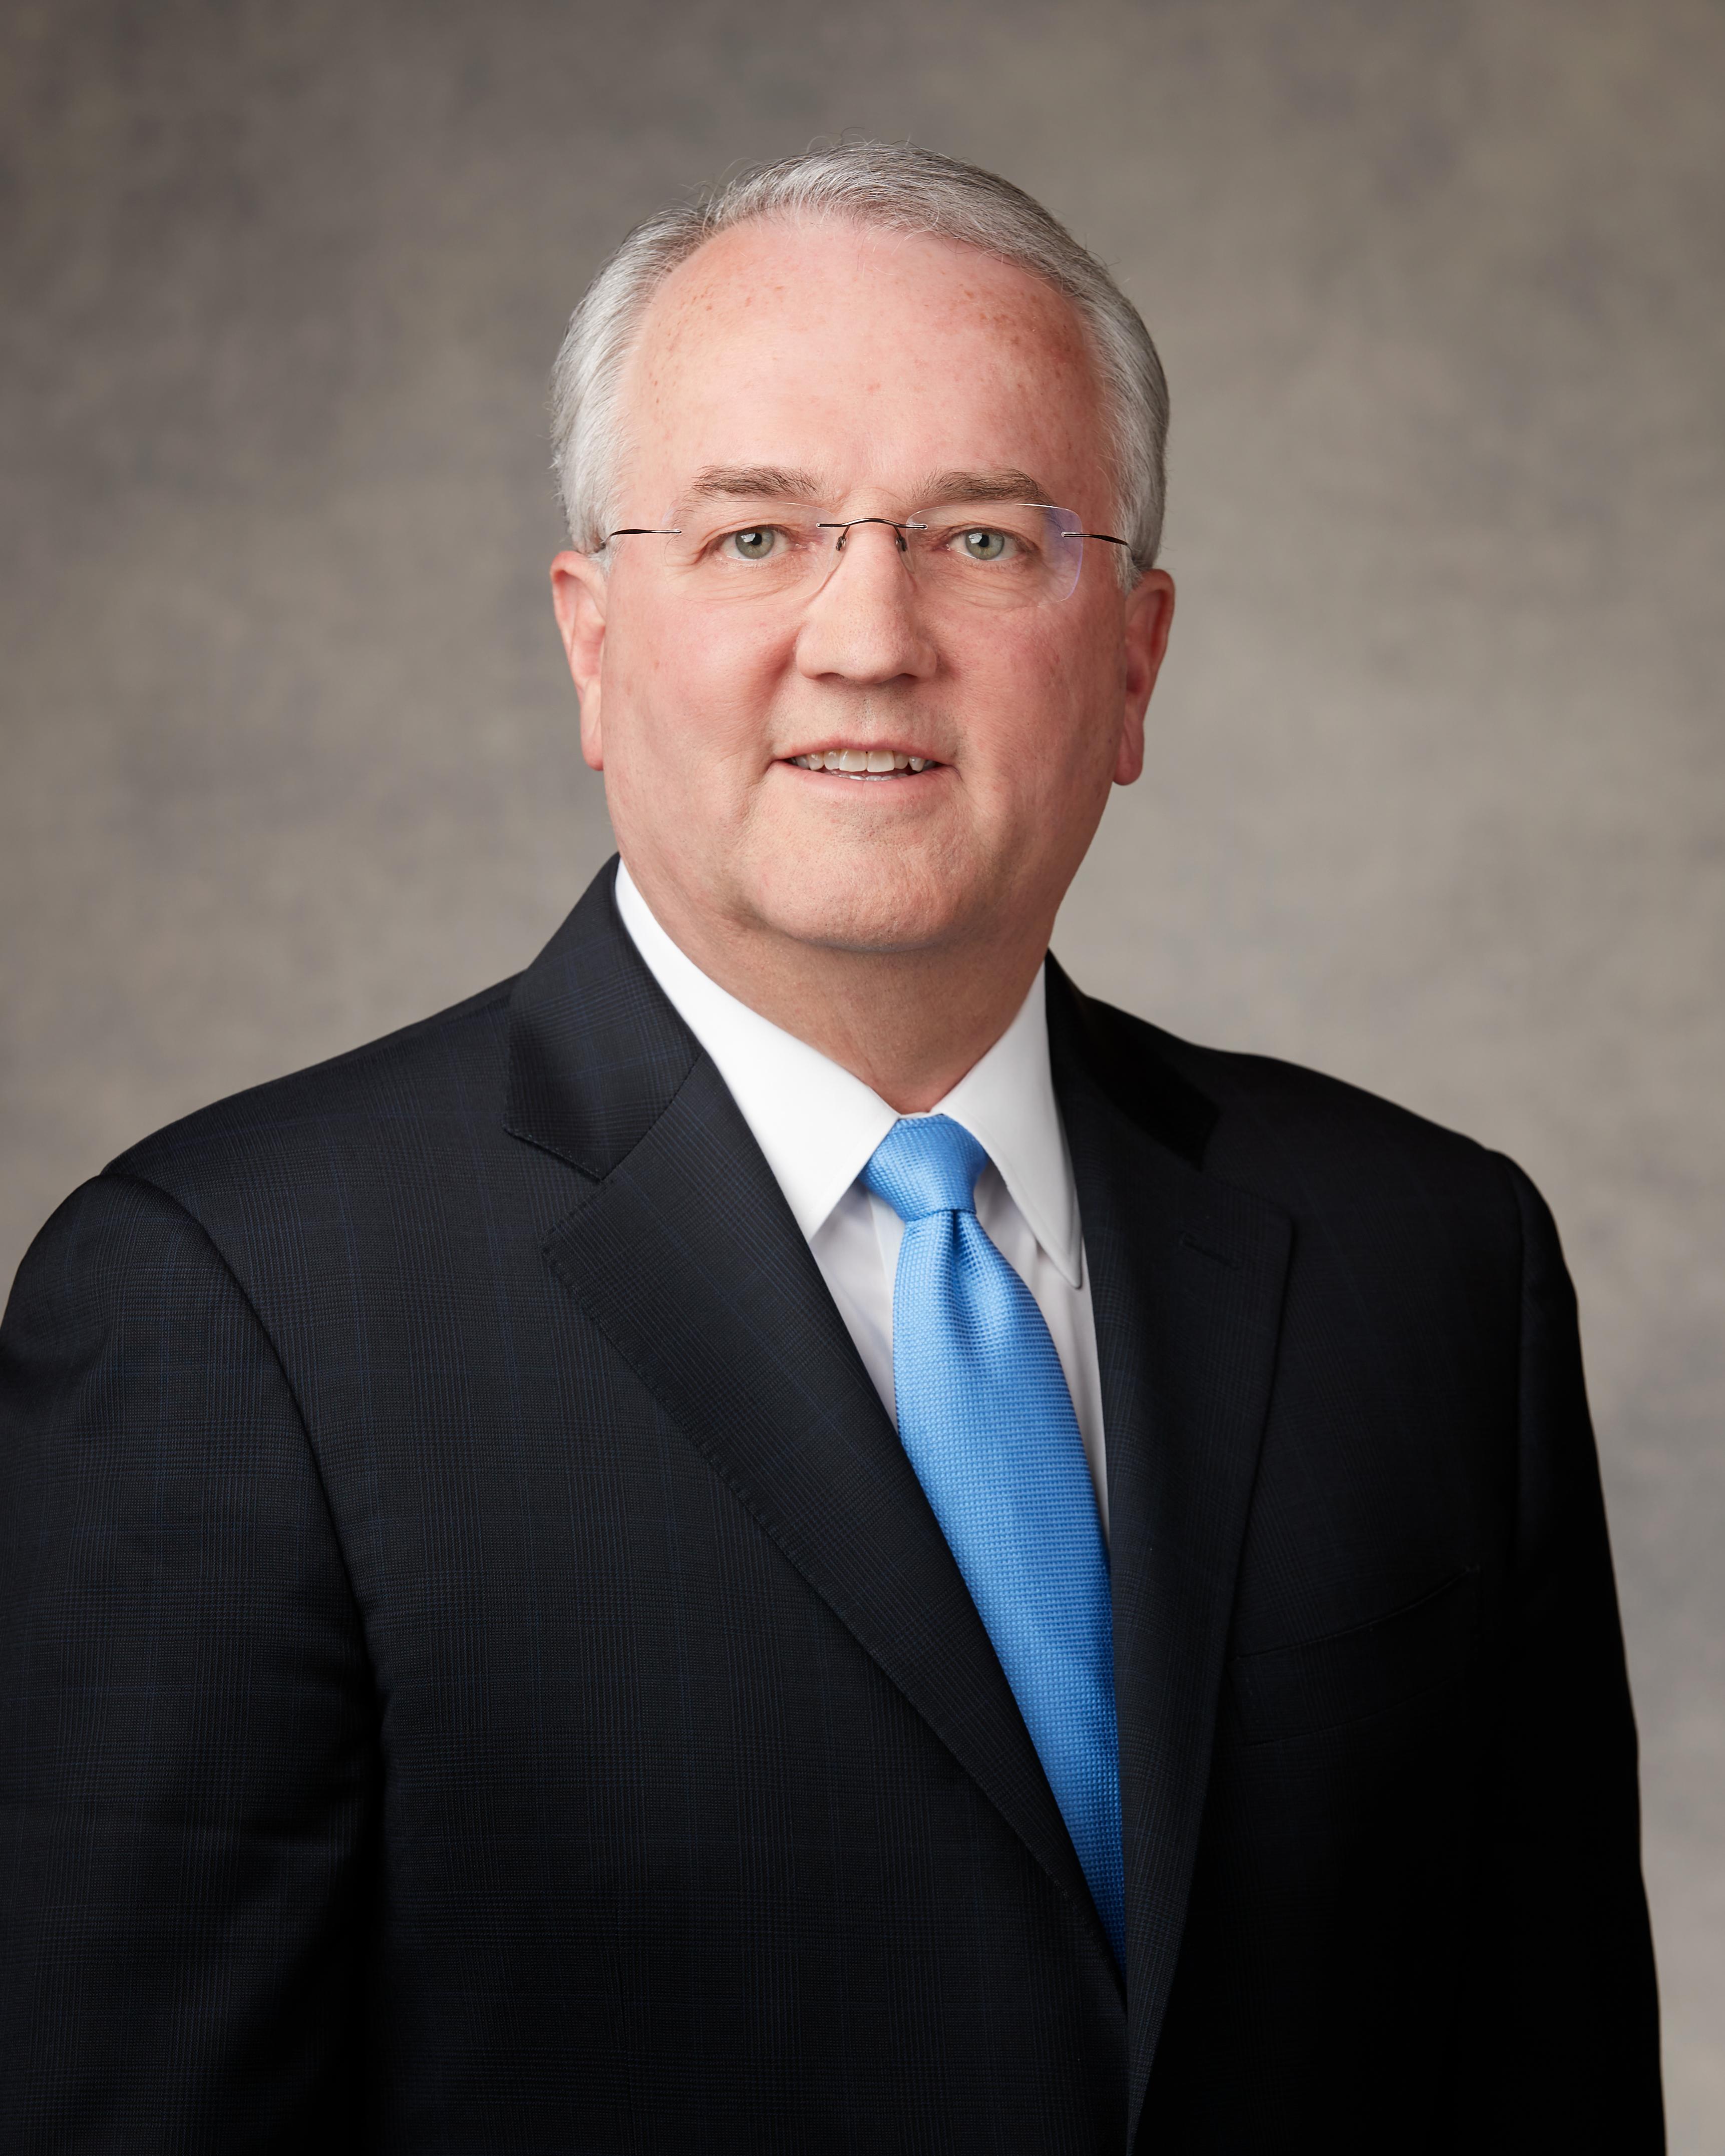 Elder Jack N. Gerard, General Authority Seventy